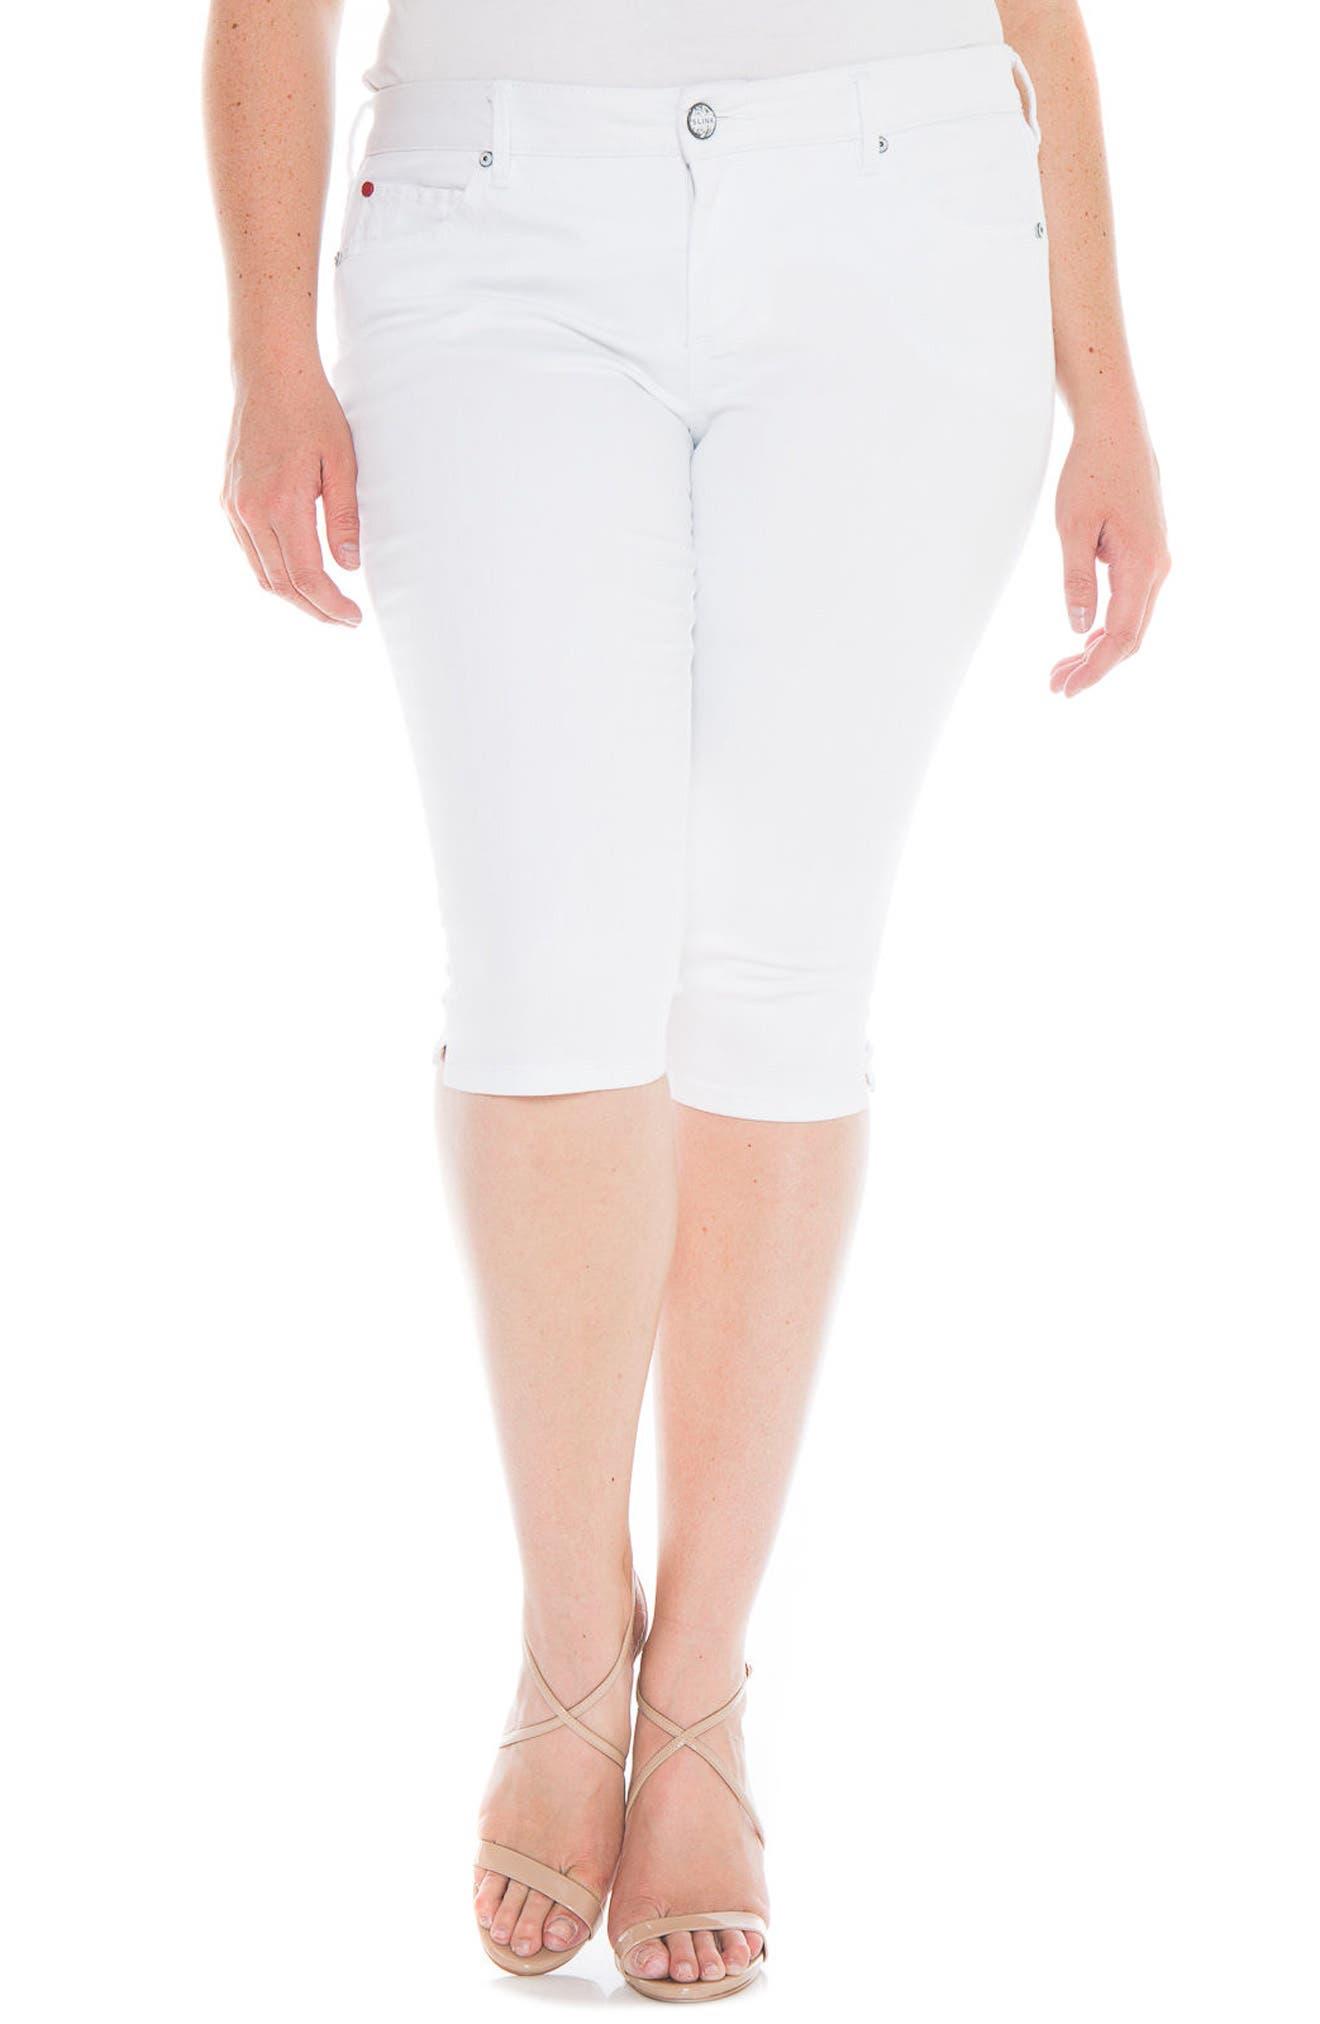 Pirate Skinny Capri Jeans,                             Main thumbnail 1, color,                             White